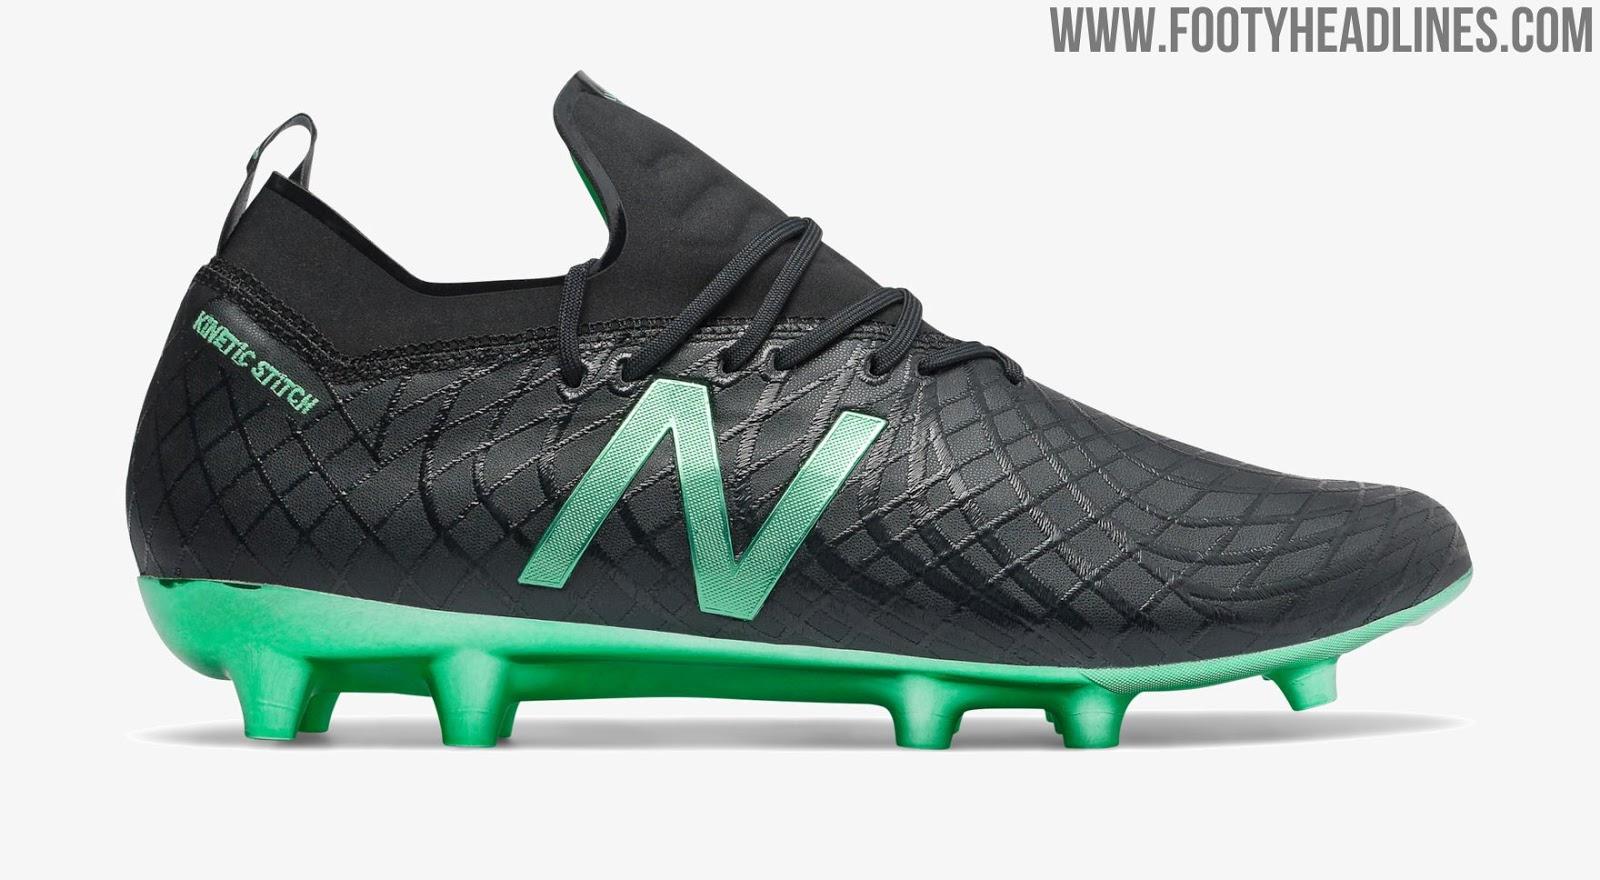 new balance tekela football boots